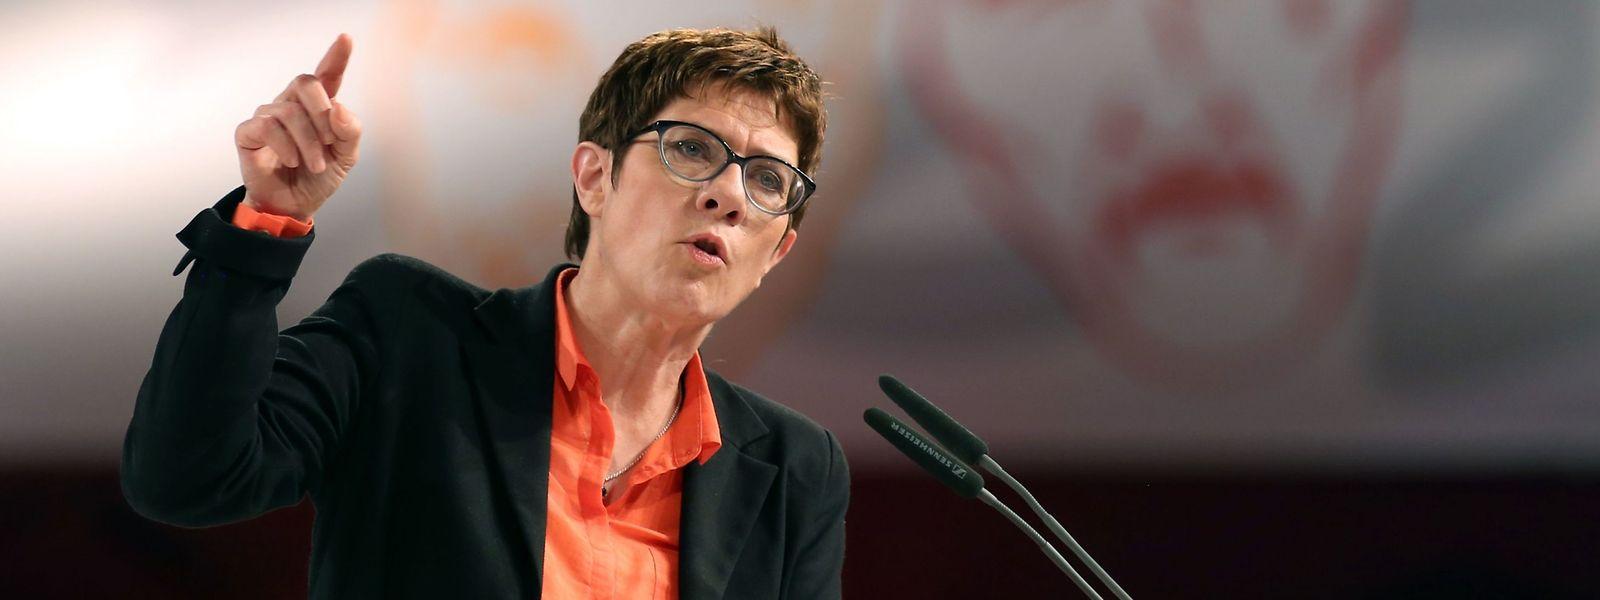 Annegret Kramp-Karrenbauer während ihrer Rede am Aschermittwoch in Demmin in Norddeutschland.